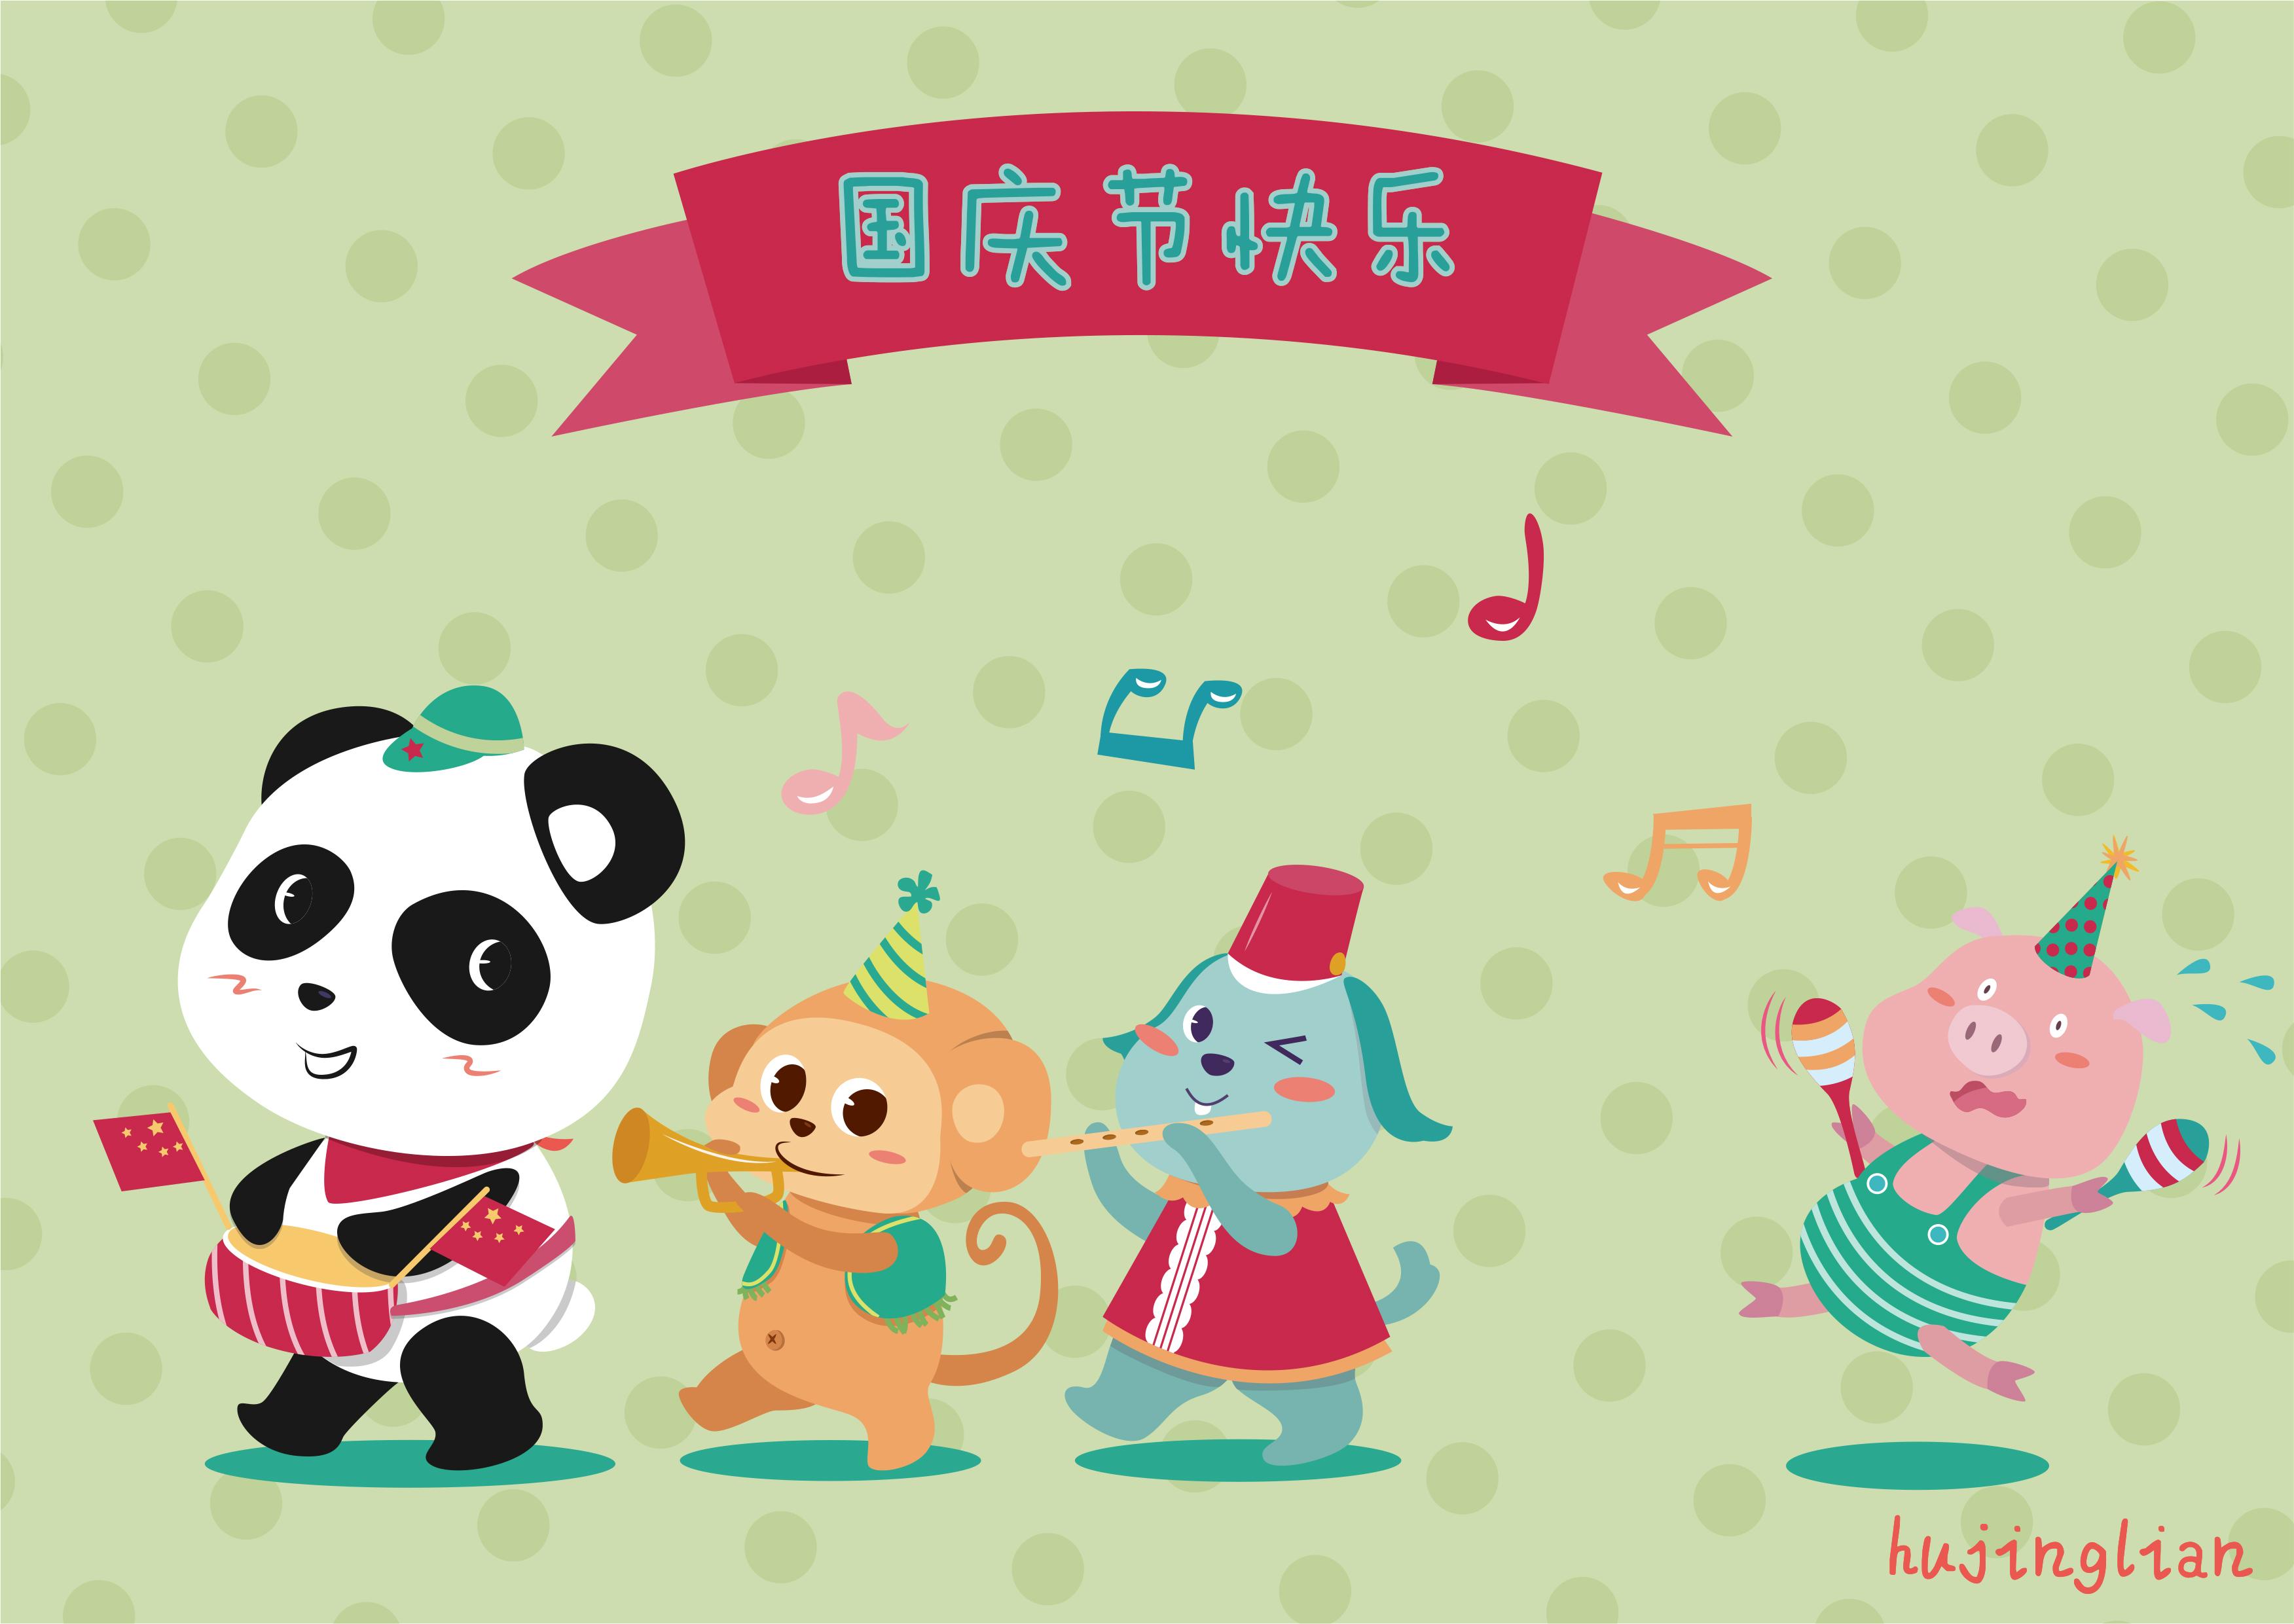 国庆快乐卡通动物冷色调